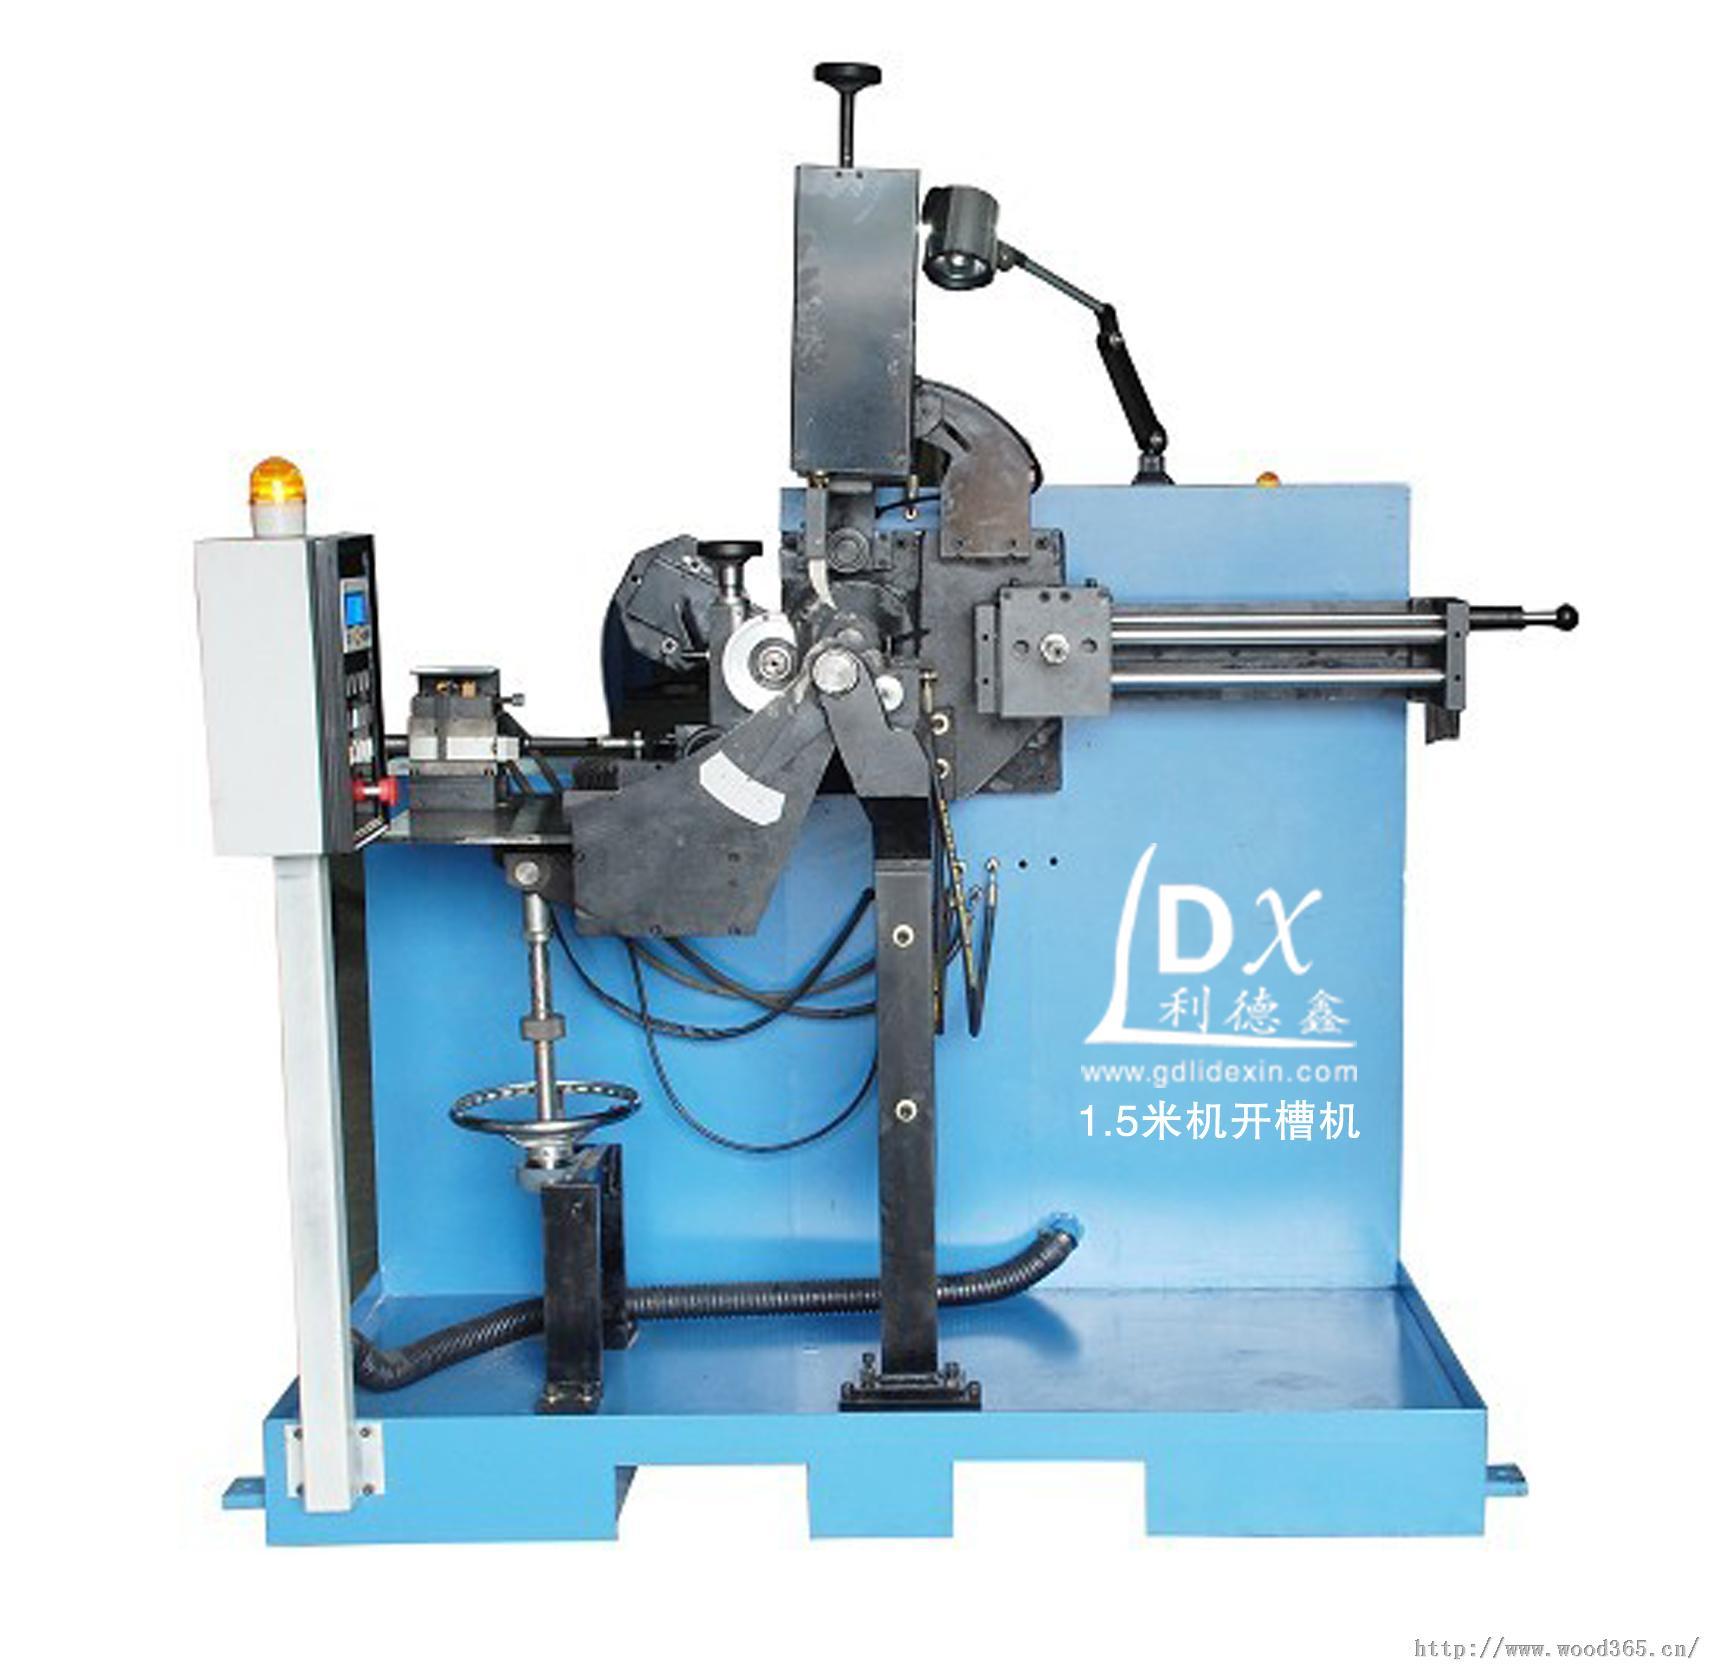 利德鑫机械厂家直销锯片磨齿机促销价供应优质锯片磨齿机